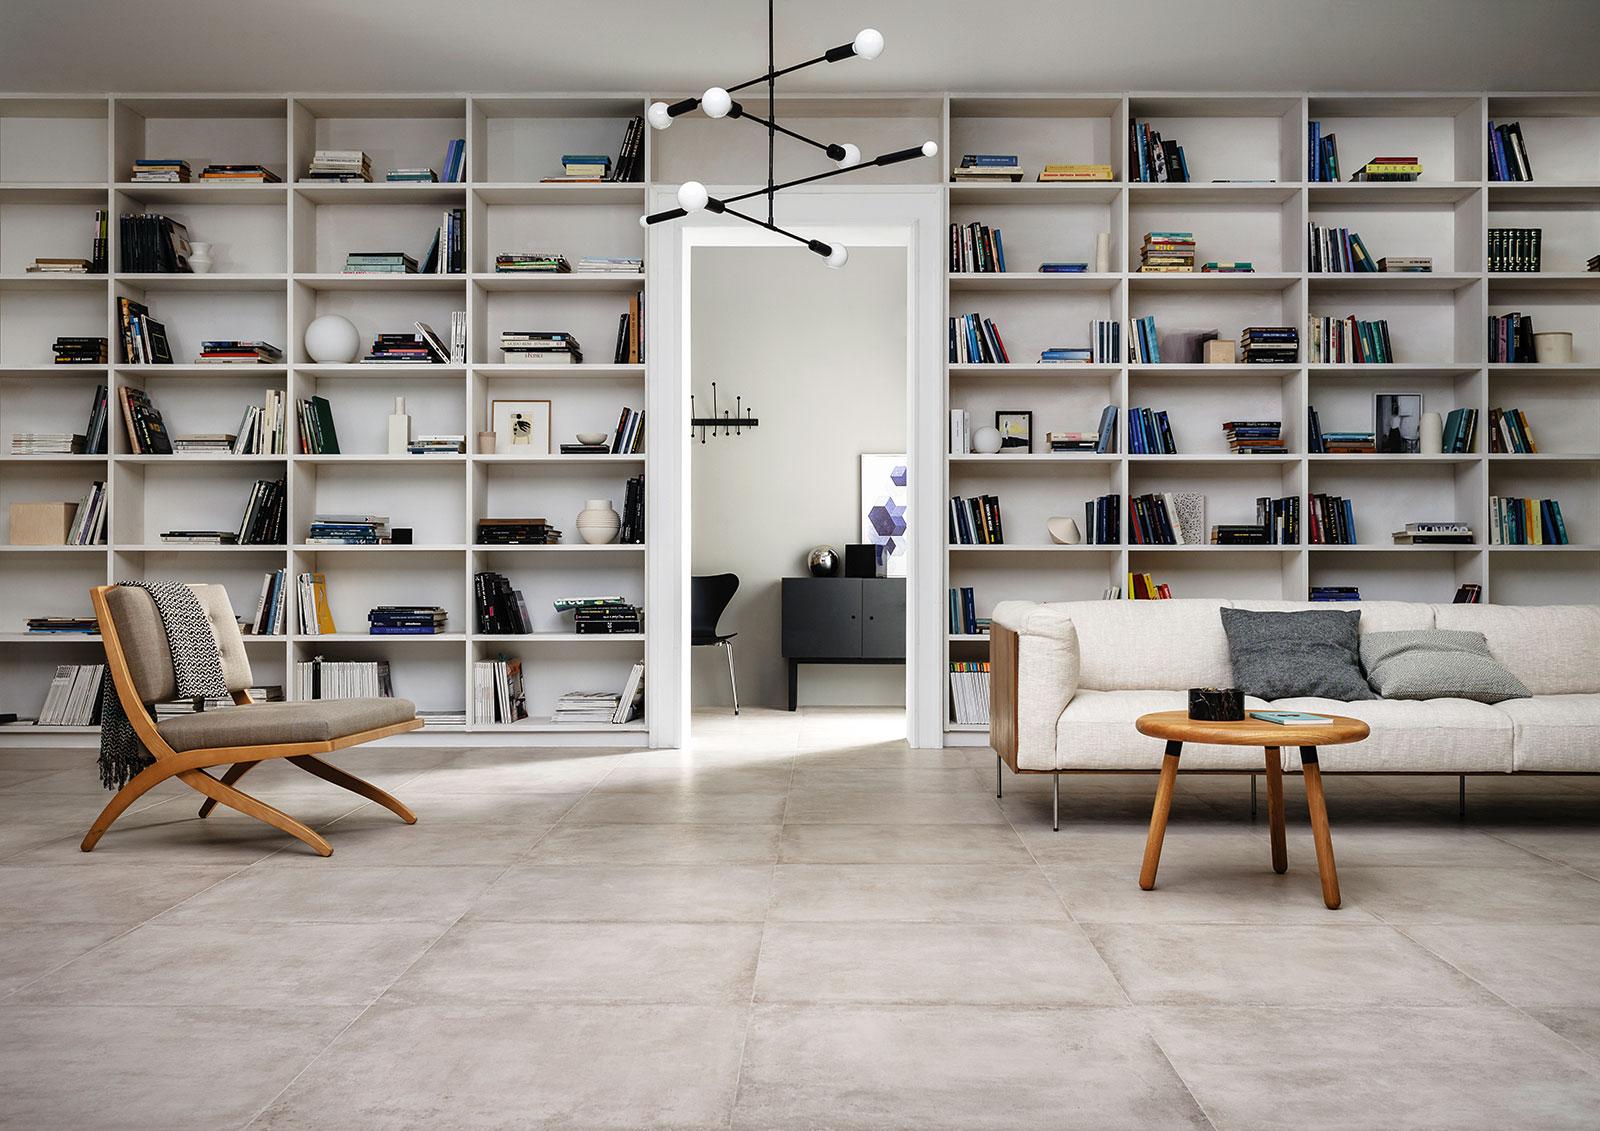 Piastrelle pavimento le idee per la tua casa marazzi - Piastrelle per casa ...